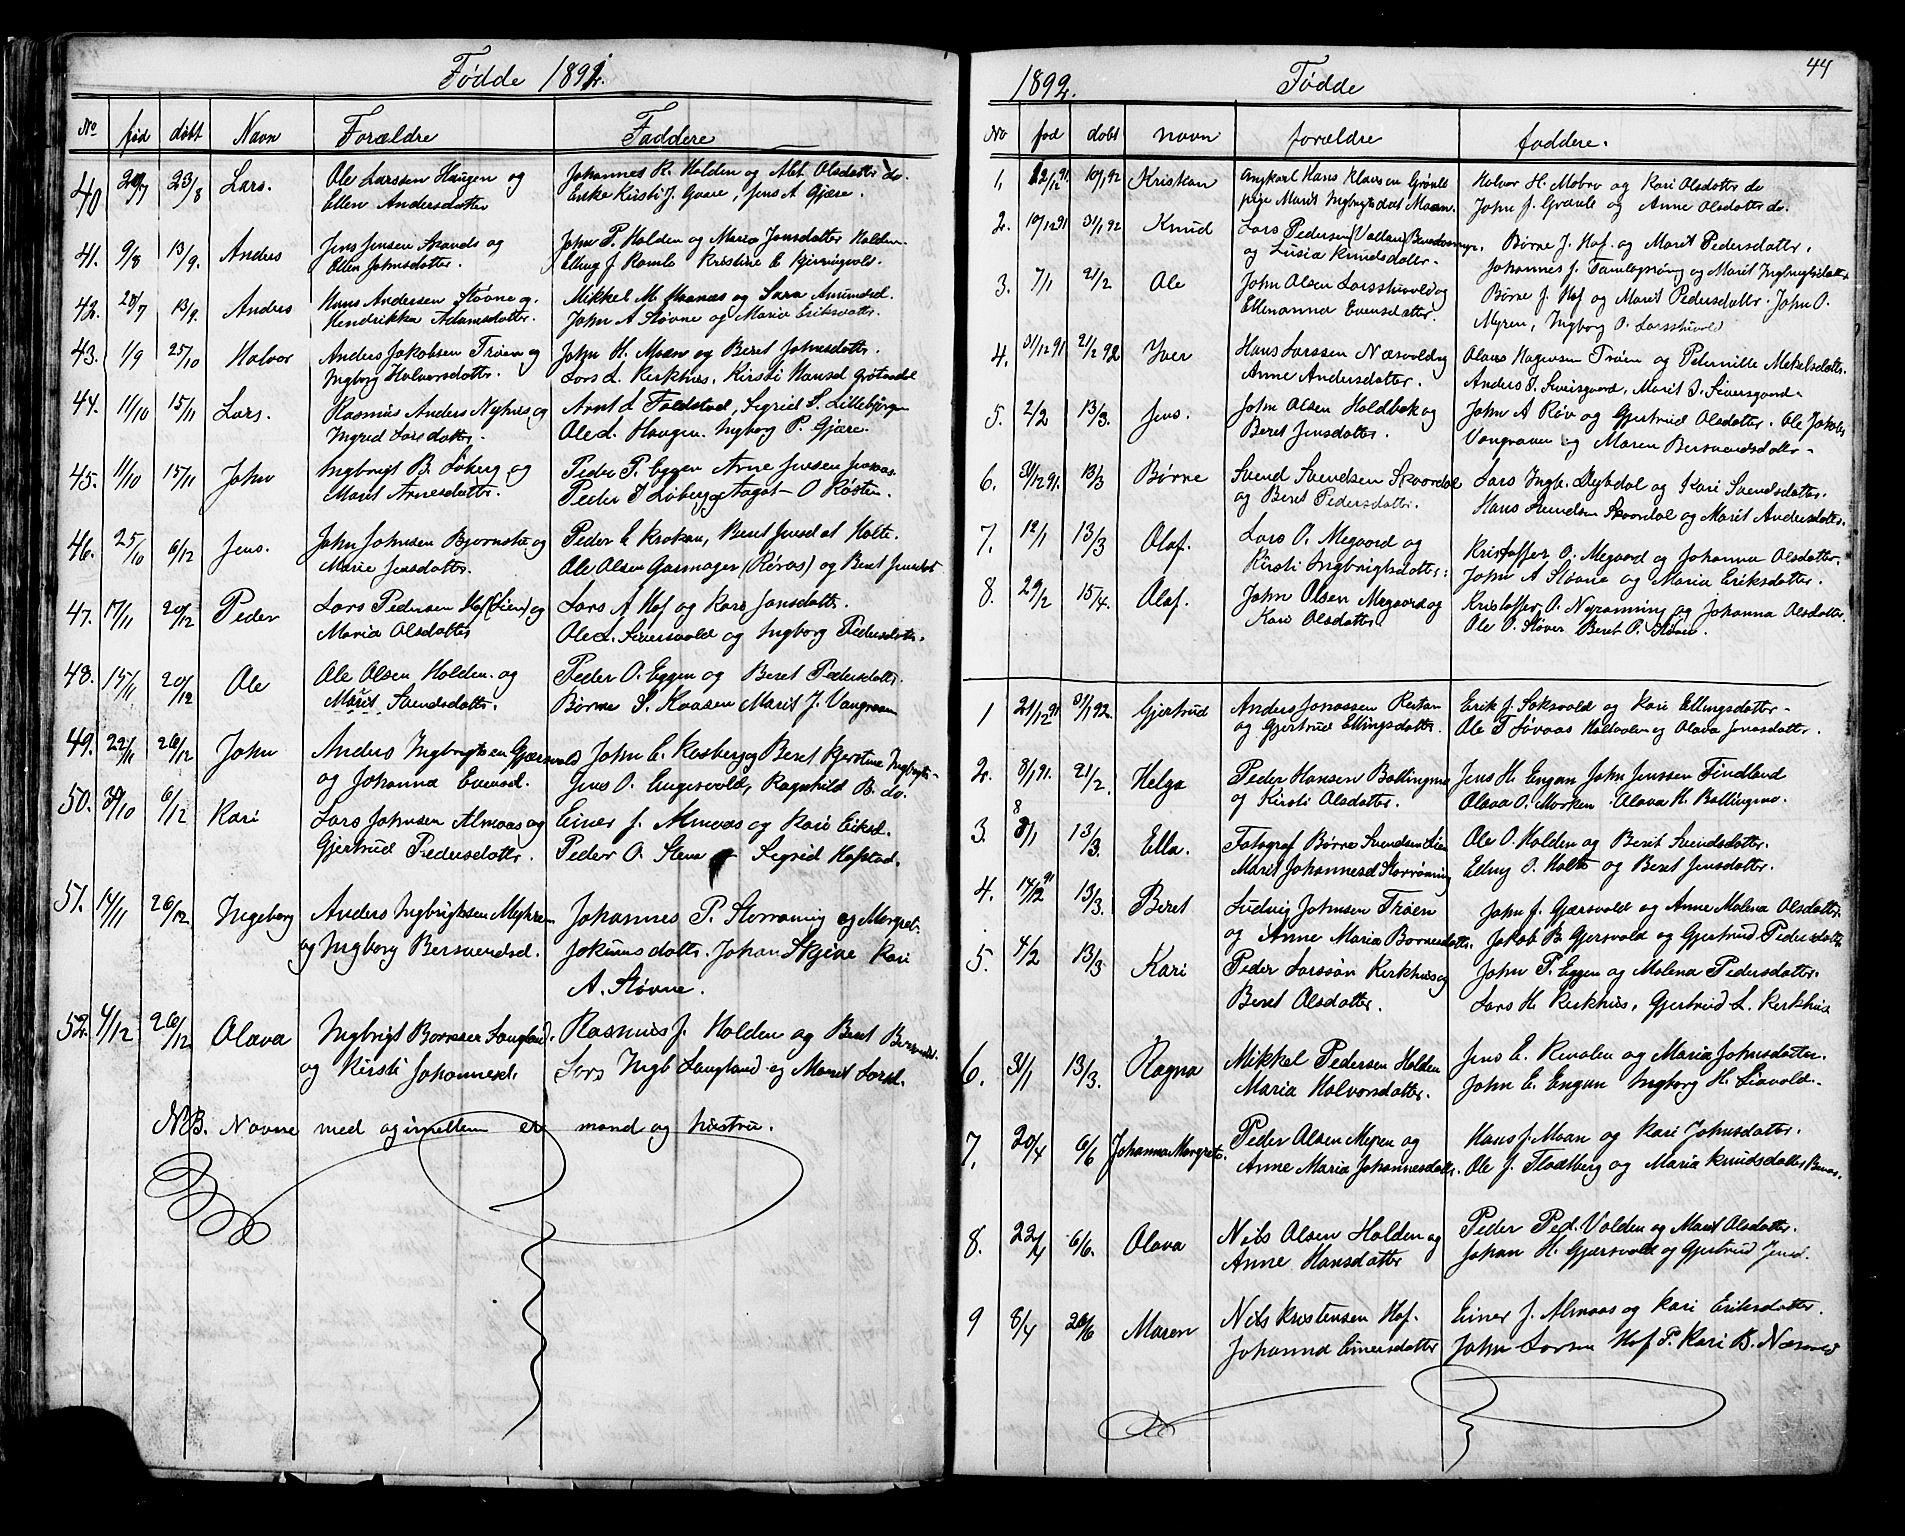 SAT, Ministerialprotokoller, klokkerbøker og fødselsregistre - Sør-Trøndelag, 686/L0985: Klokkerbok nr. 686C01, 1871-1933, s. 44